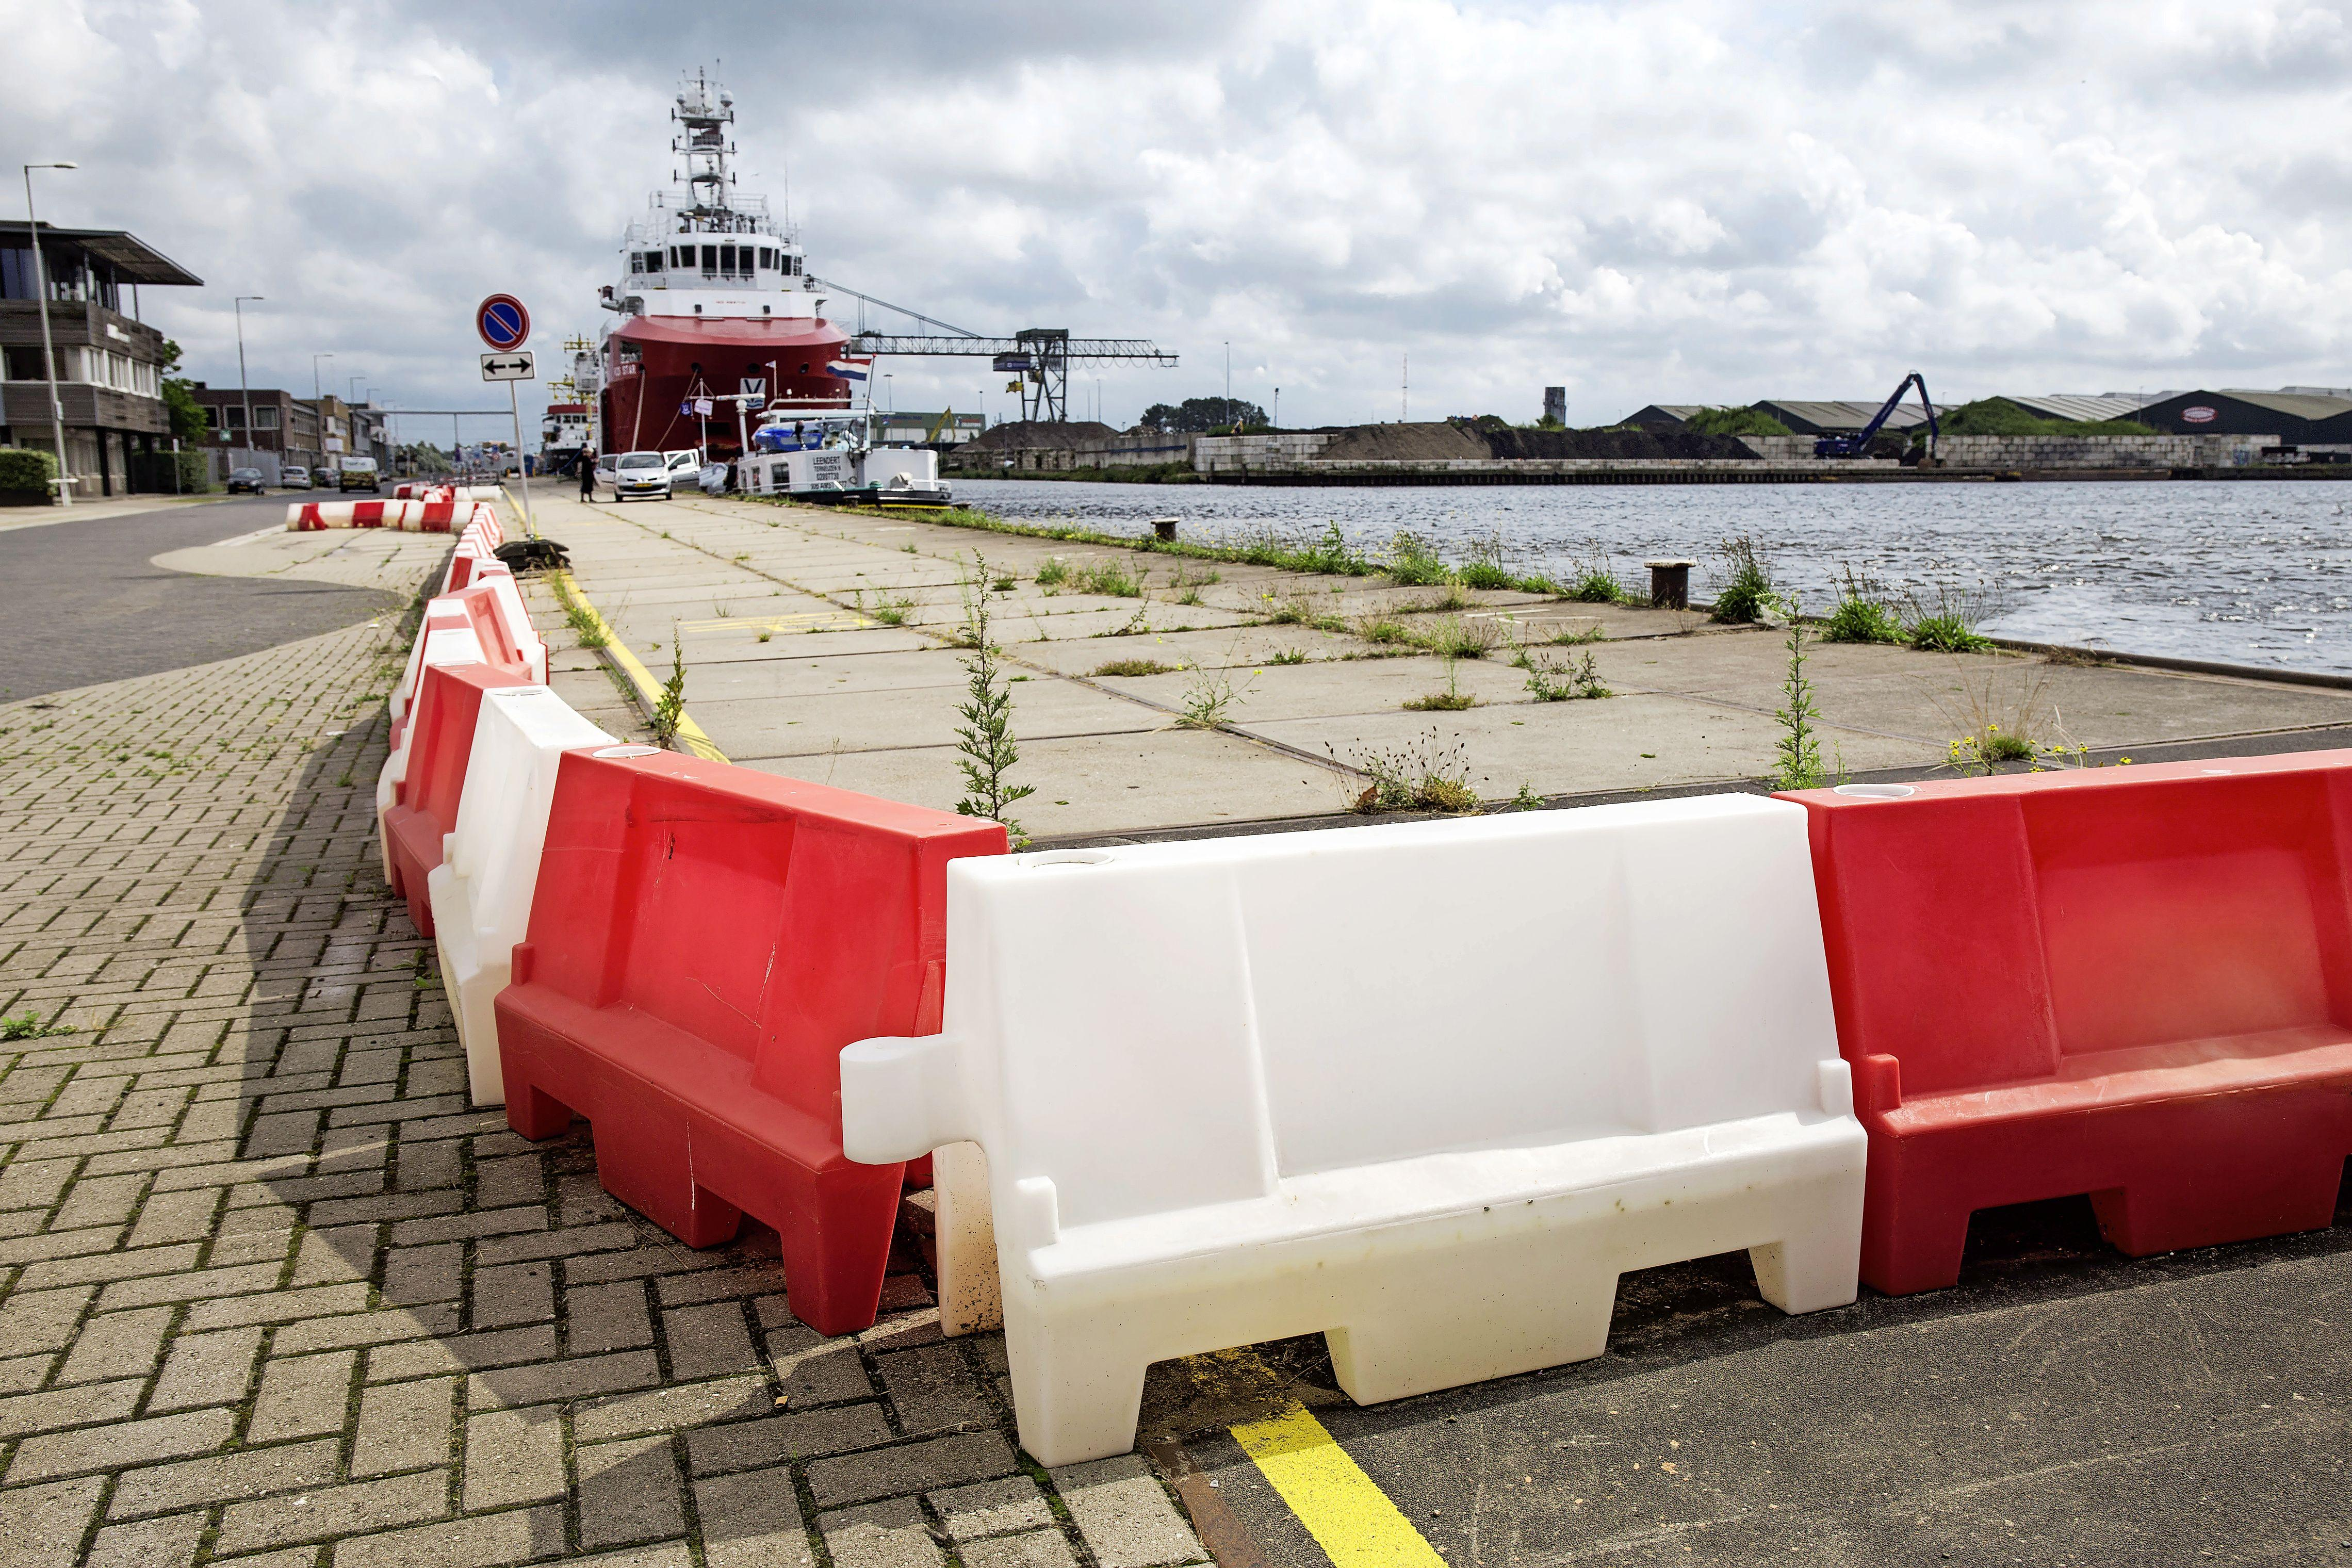 Extra maatregelen Noorderkade Beverwijk: gemeente gaat afzetting verankeren zodat die niet meer verschoven kan worden. 'Hier schrikken we echt van'